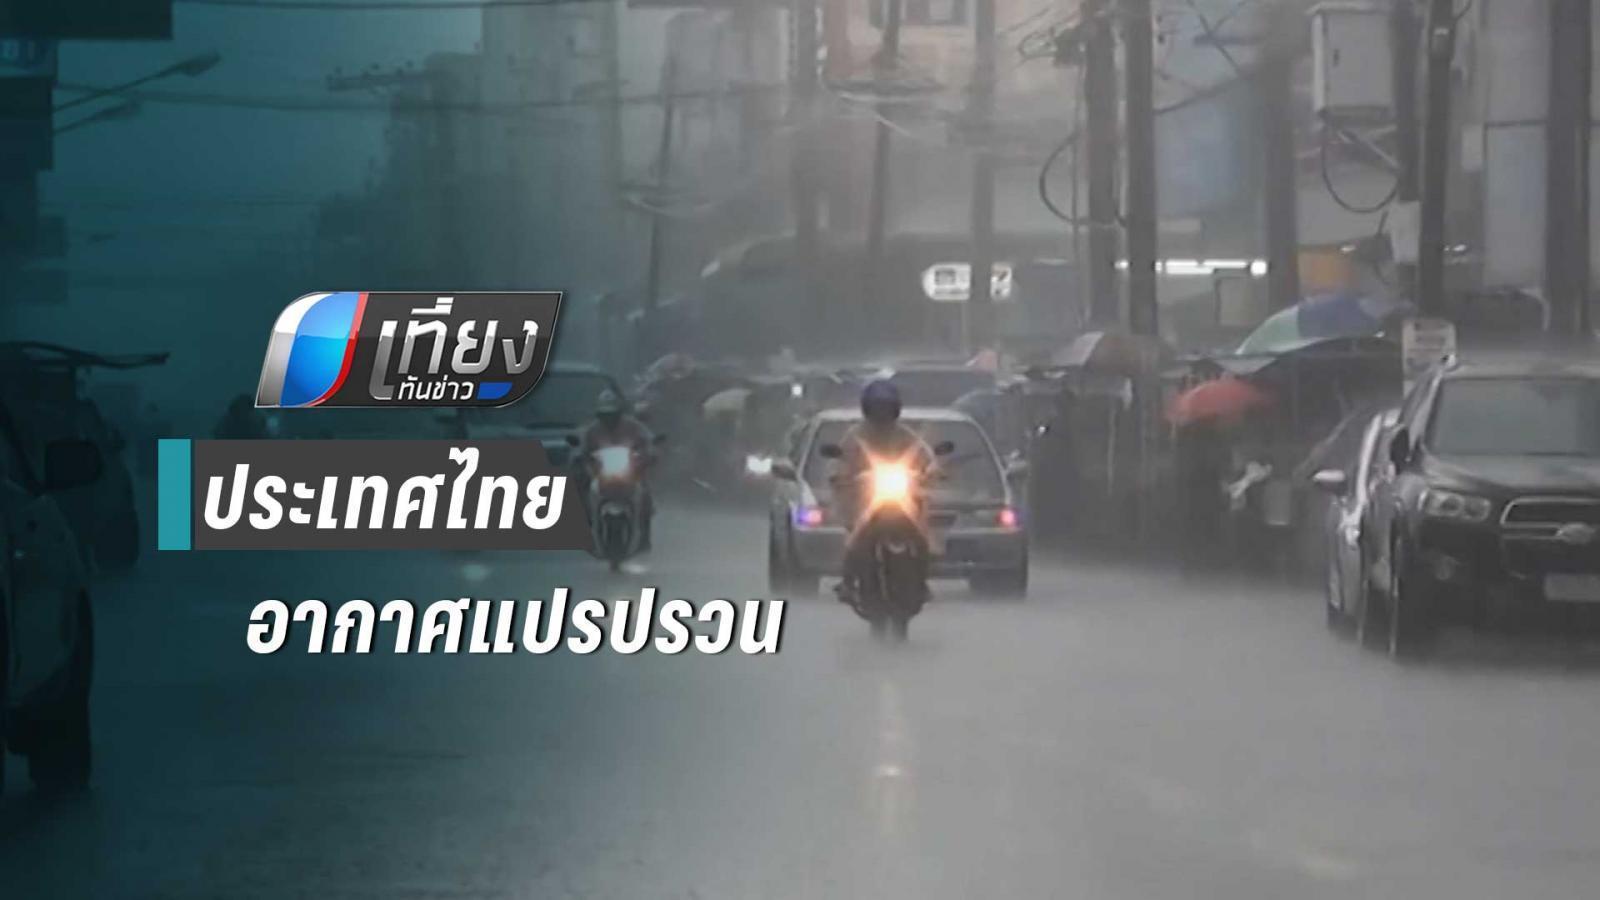 อุตุฯ เตือน ไทยอากาศแปรปรวน เหนือ-อีสาน ฝนฟ้าคะนอง